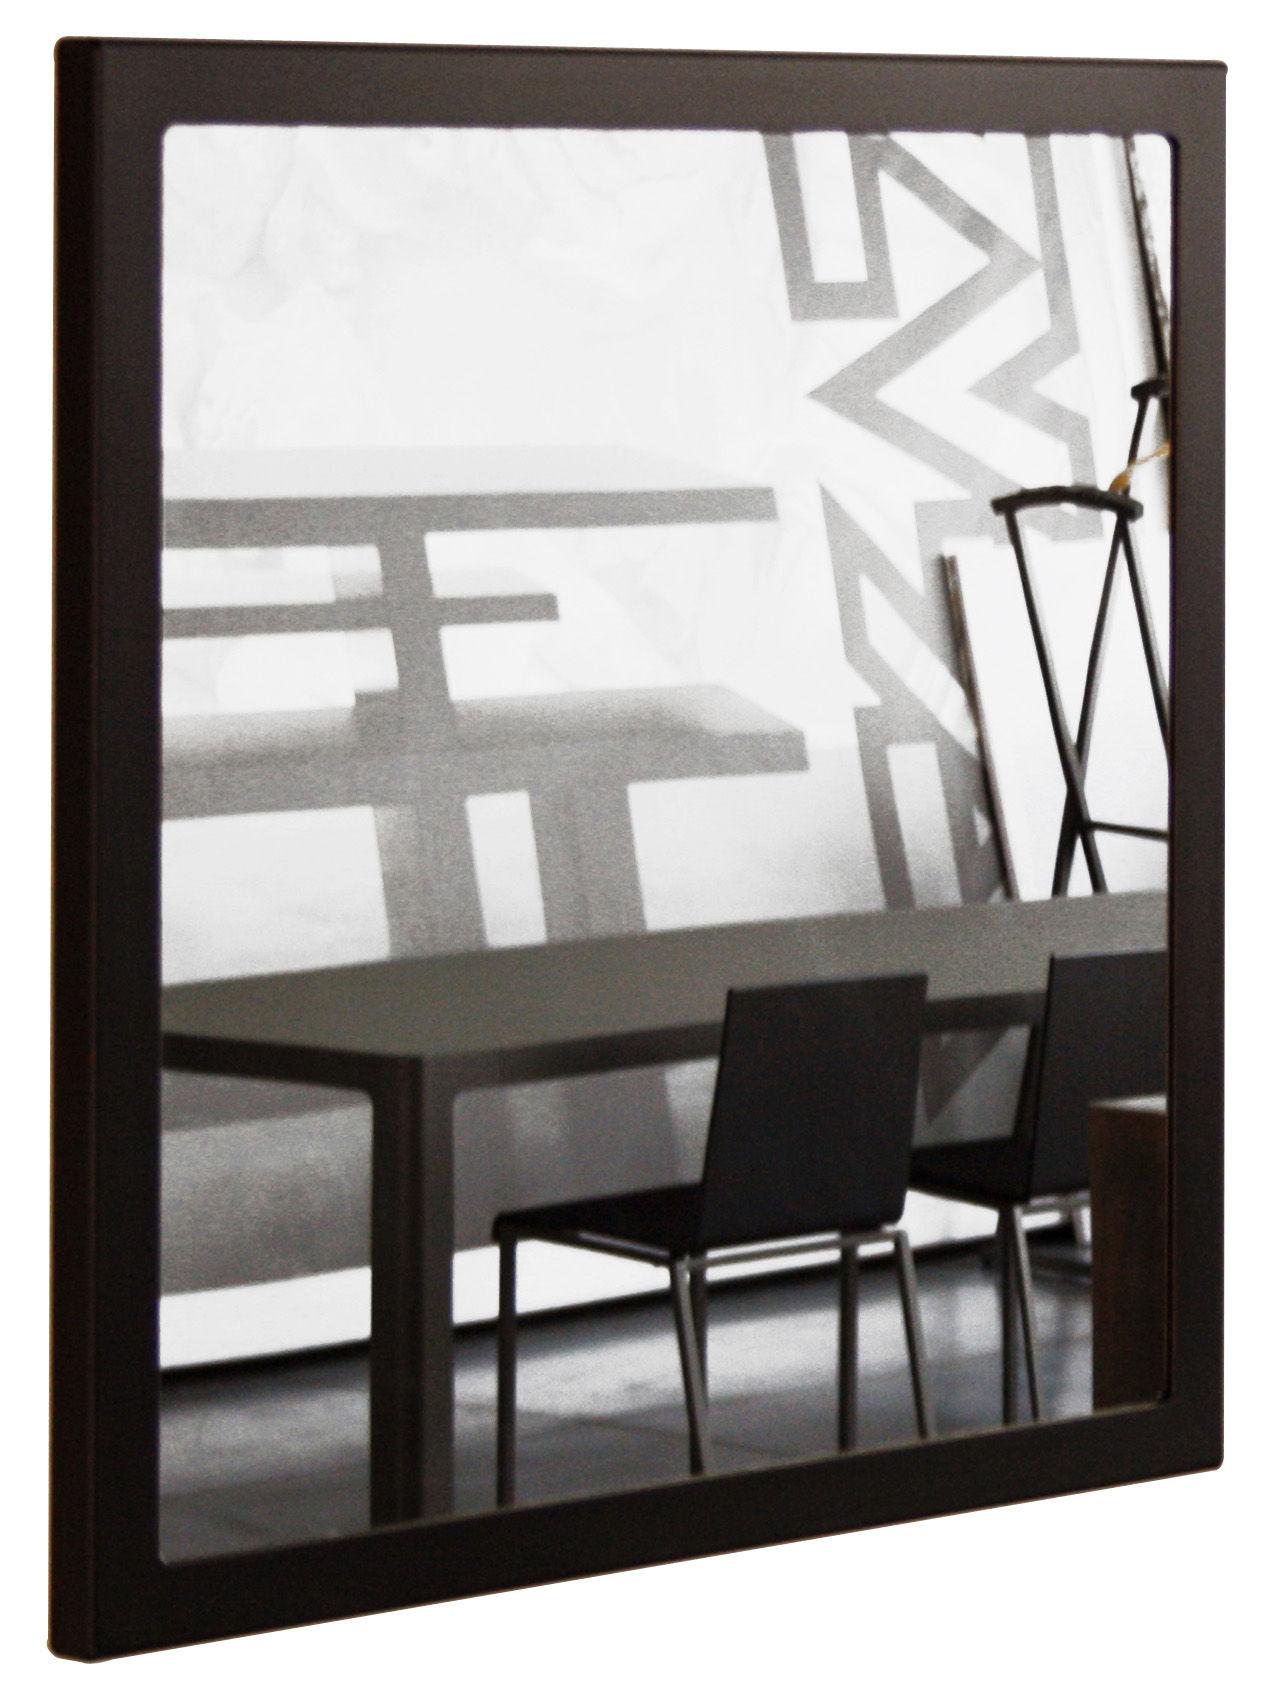 Arredamento - Specchi - Specchio murale Little Frame - 90 x 90 cm di Zeus - Fosfatato nero - Tôle d'acier naturelle